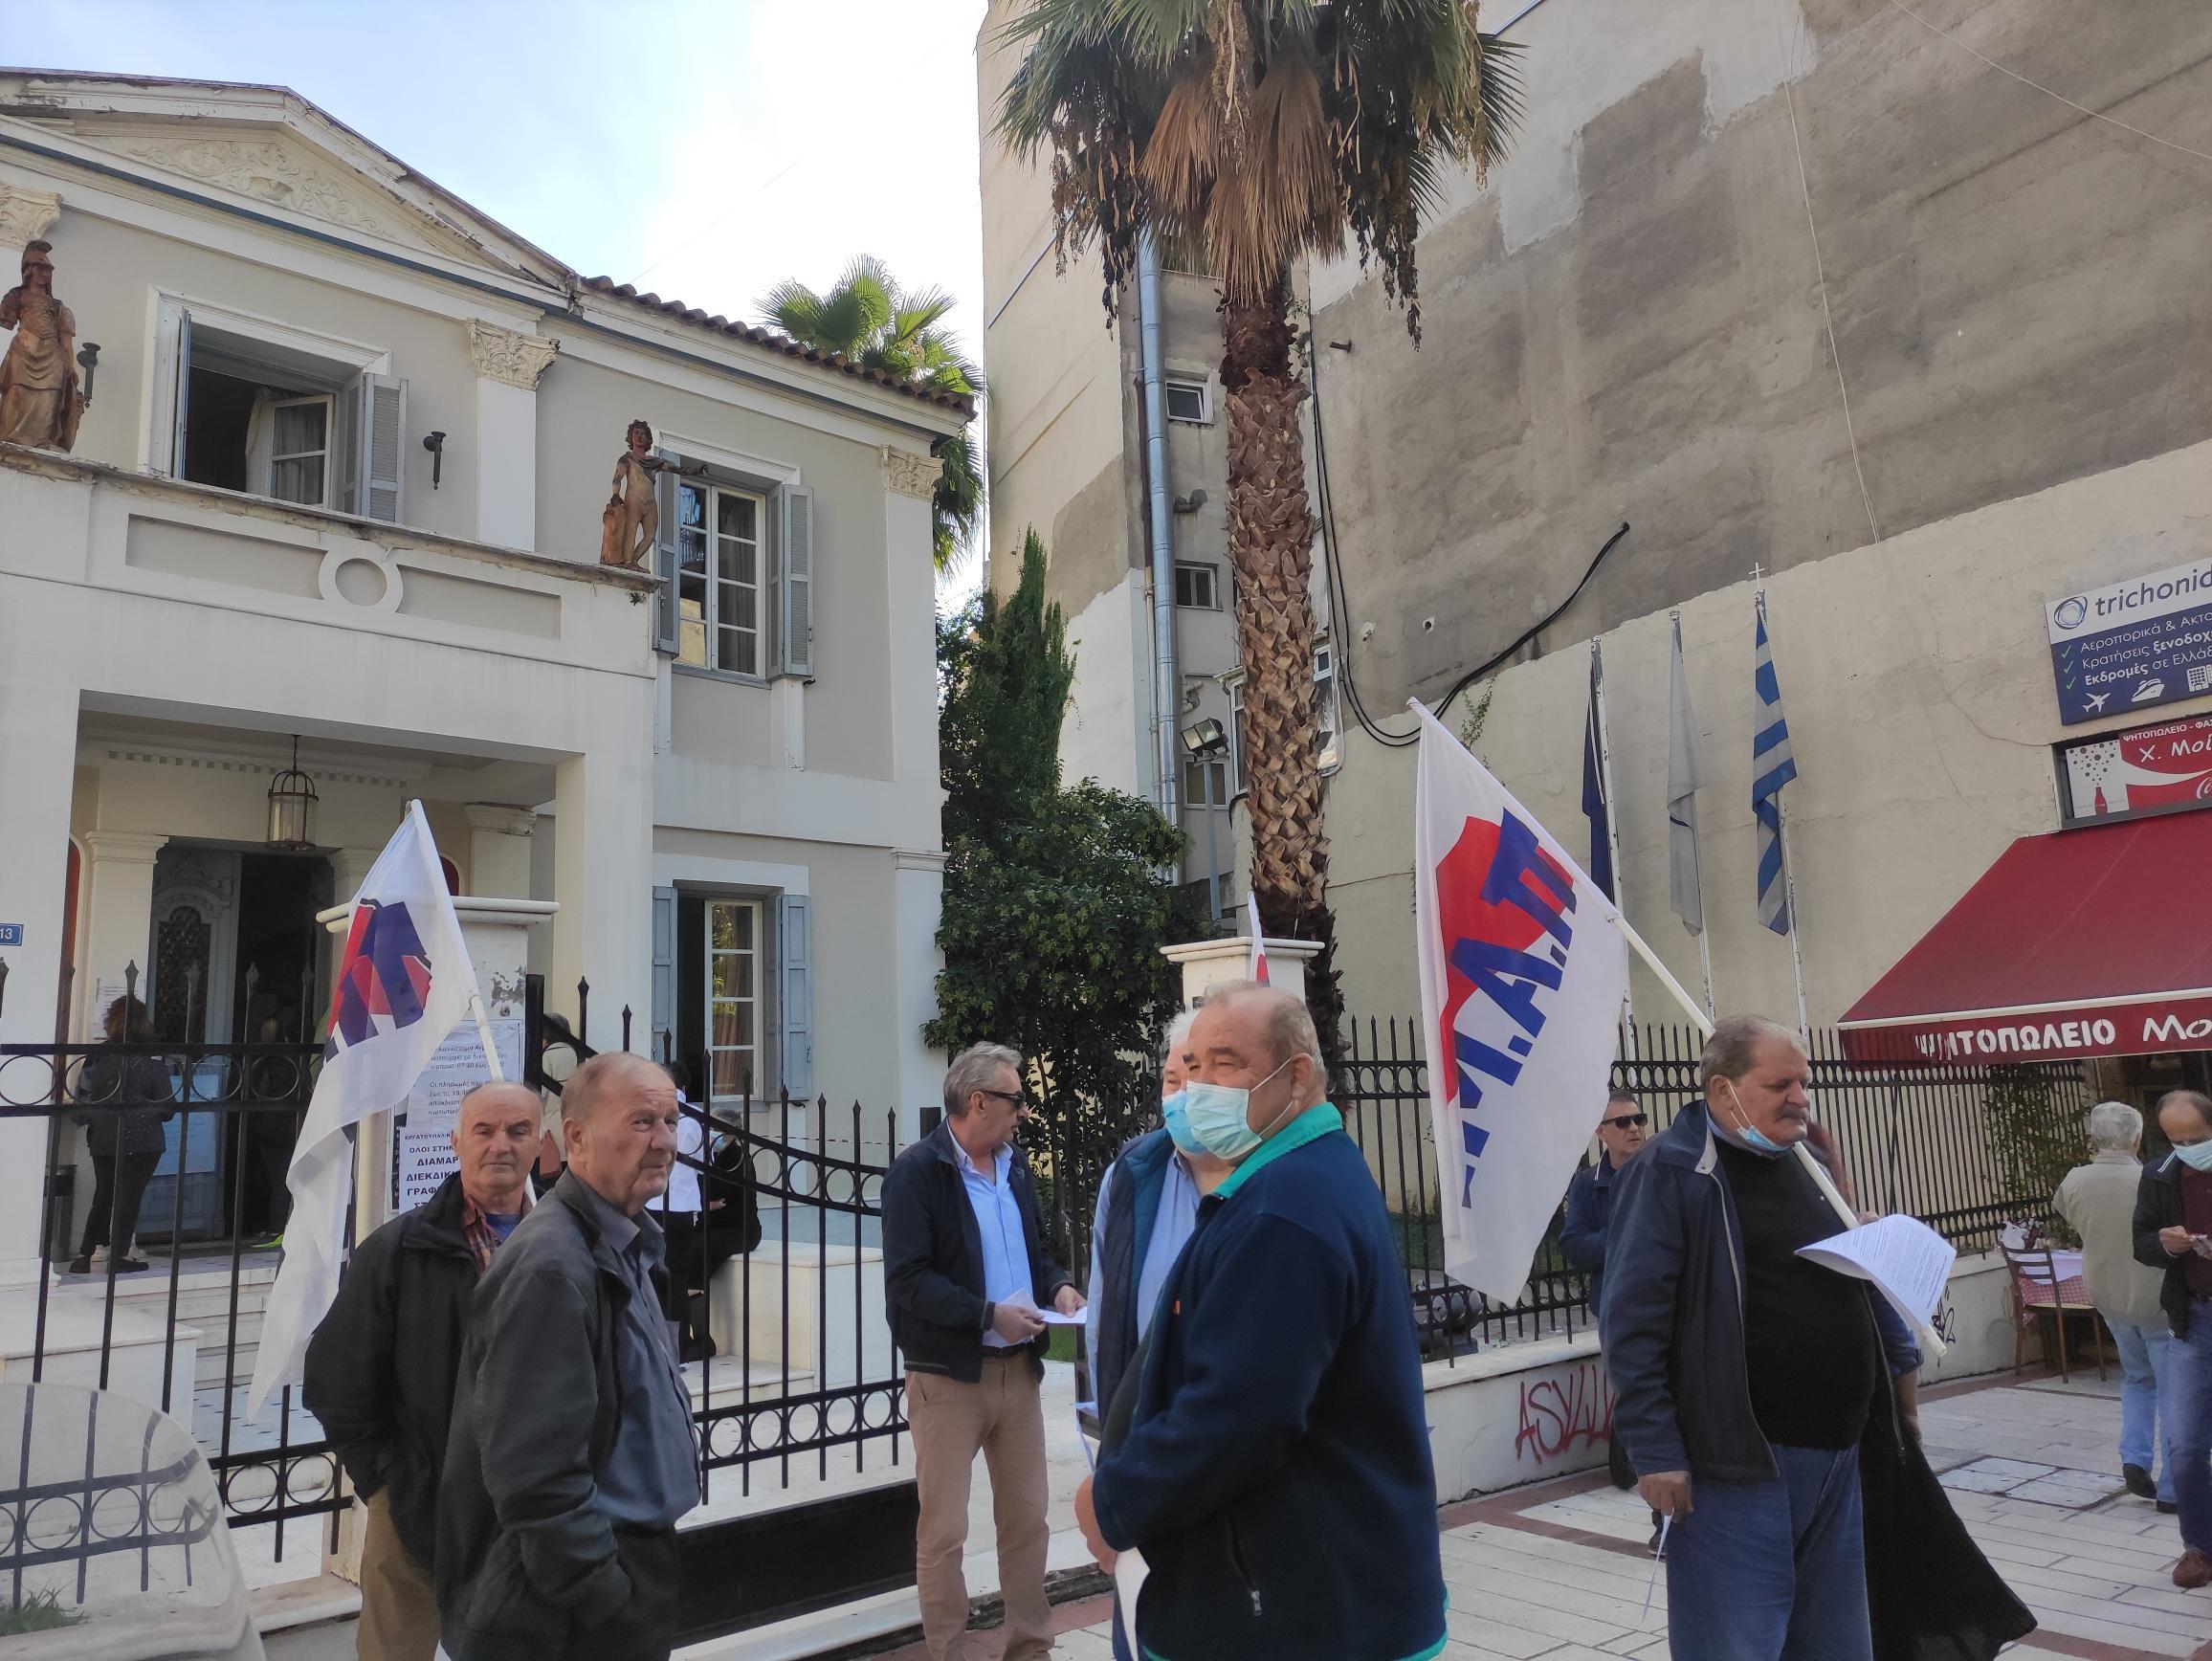 Εργατικό Κέντρο Αγρινίου: Διαμαρτυρία στη ΔΕΗ- «Το ρεύμα είναι λαϊκό αγαθό, φθηνή παροχή σε όλους»